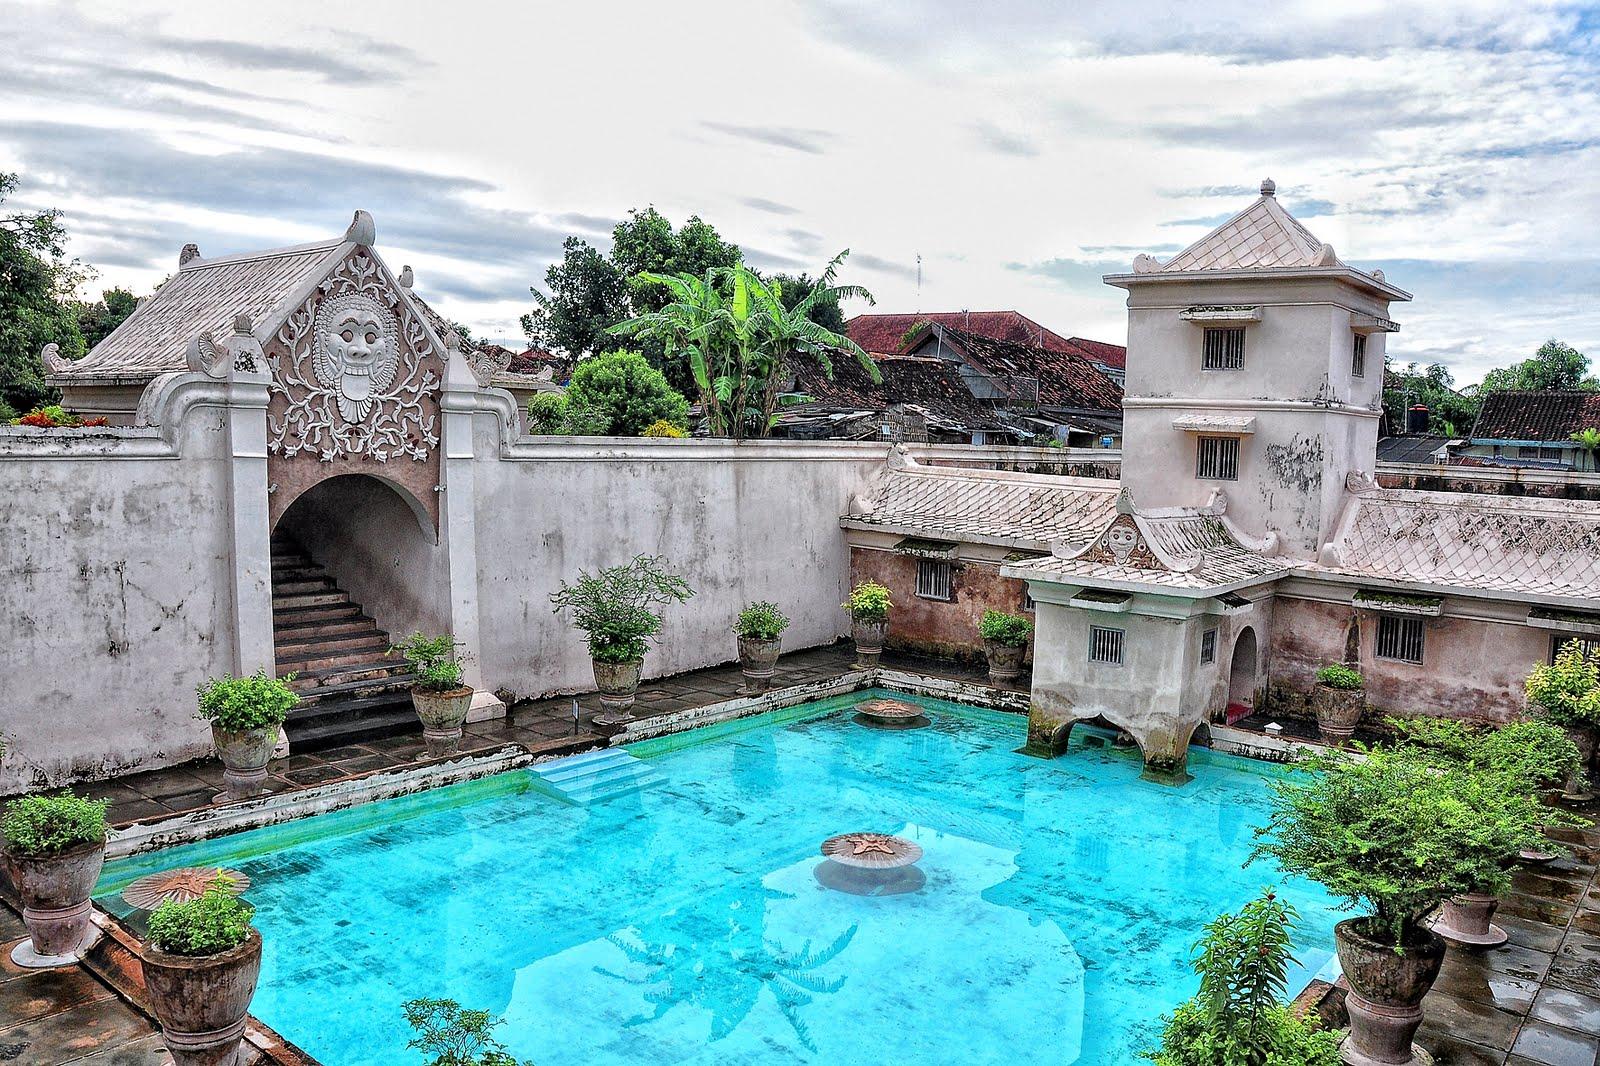 Tempat Wisata Istana Air Taman Sari